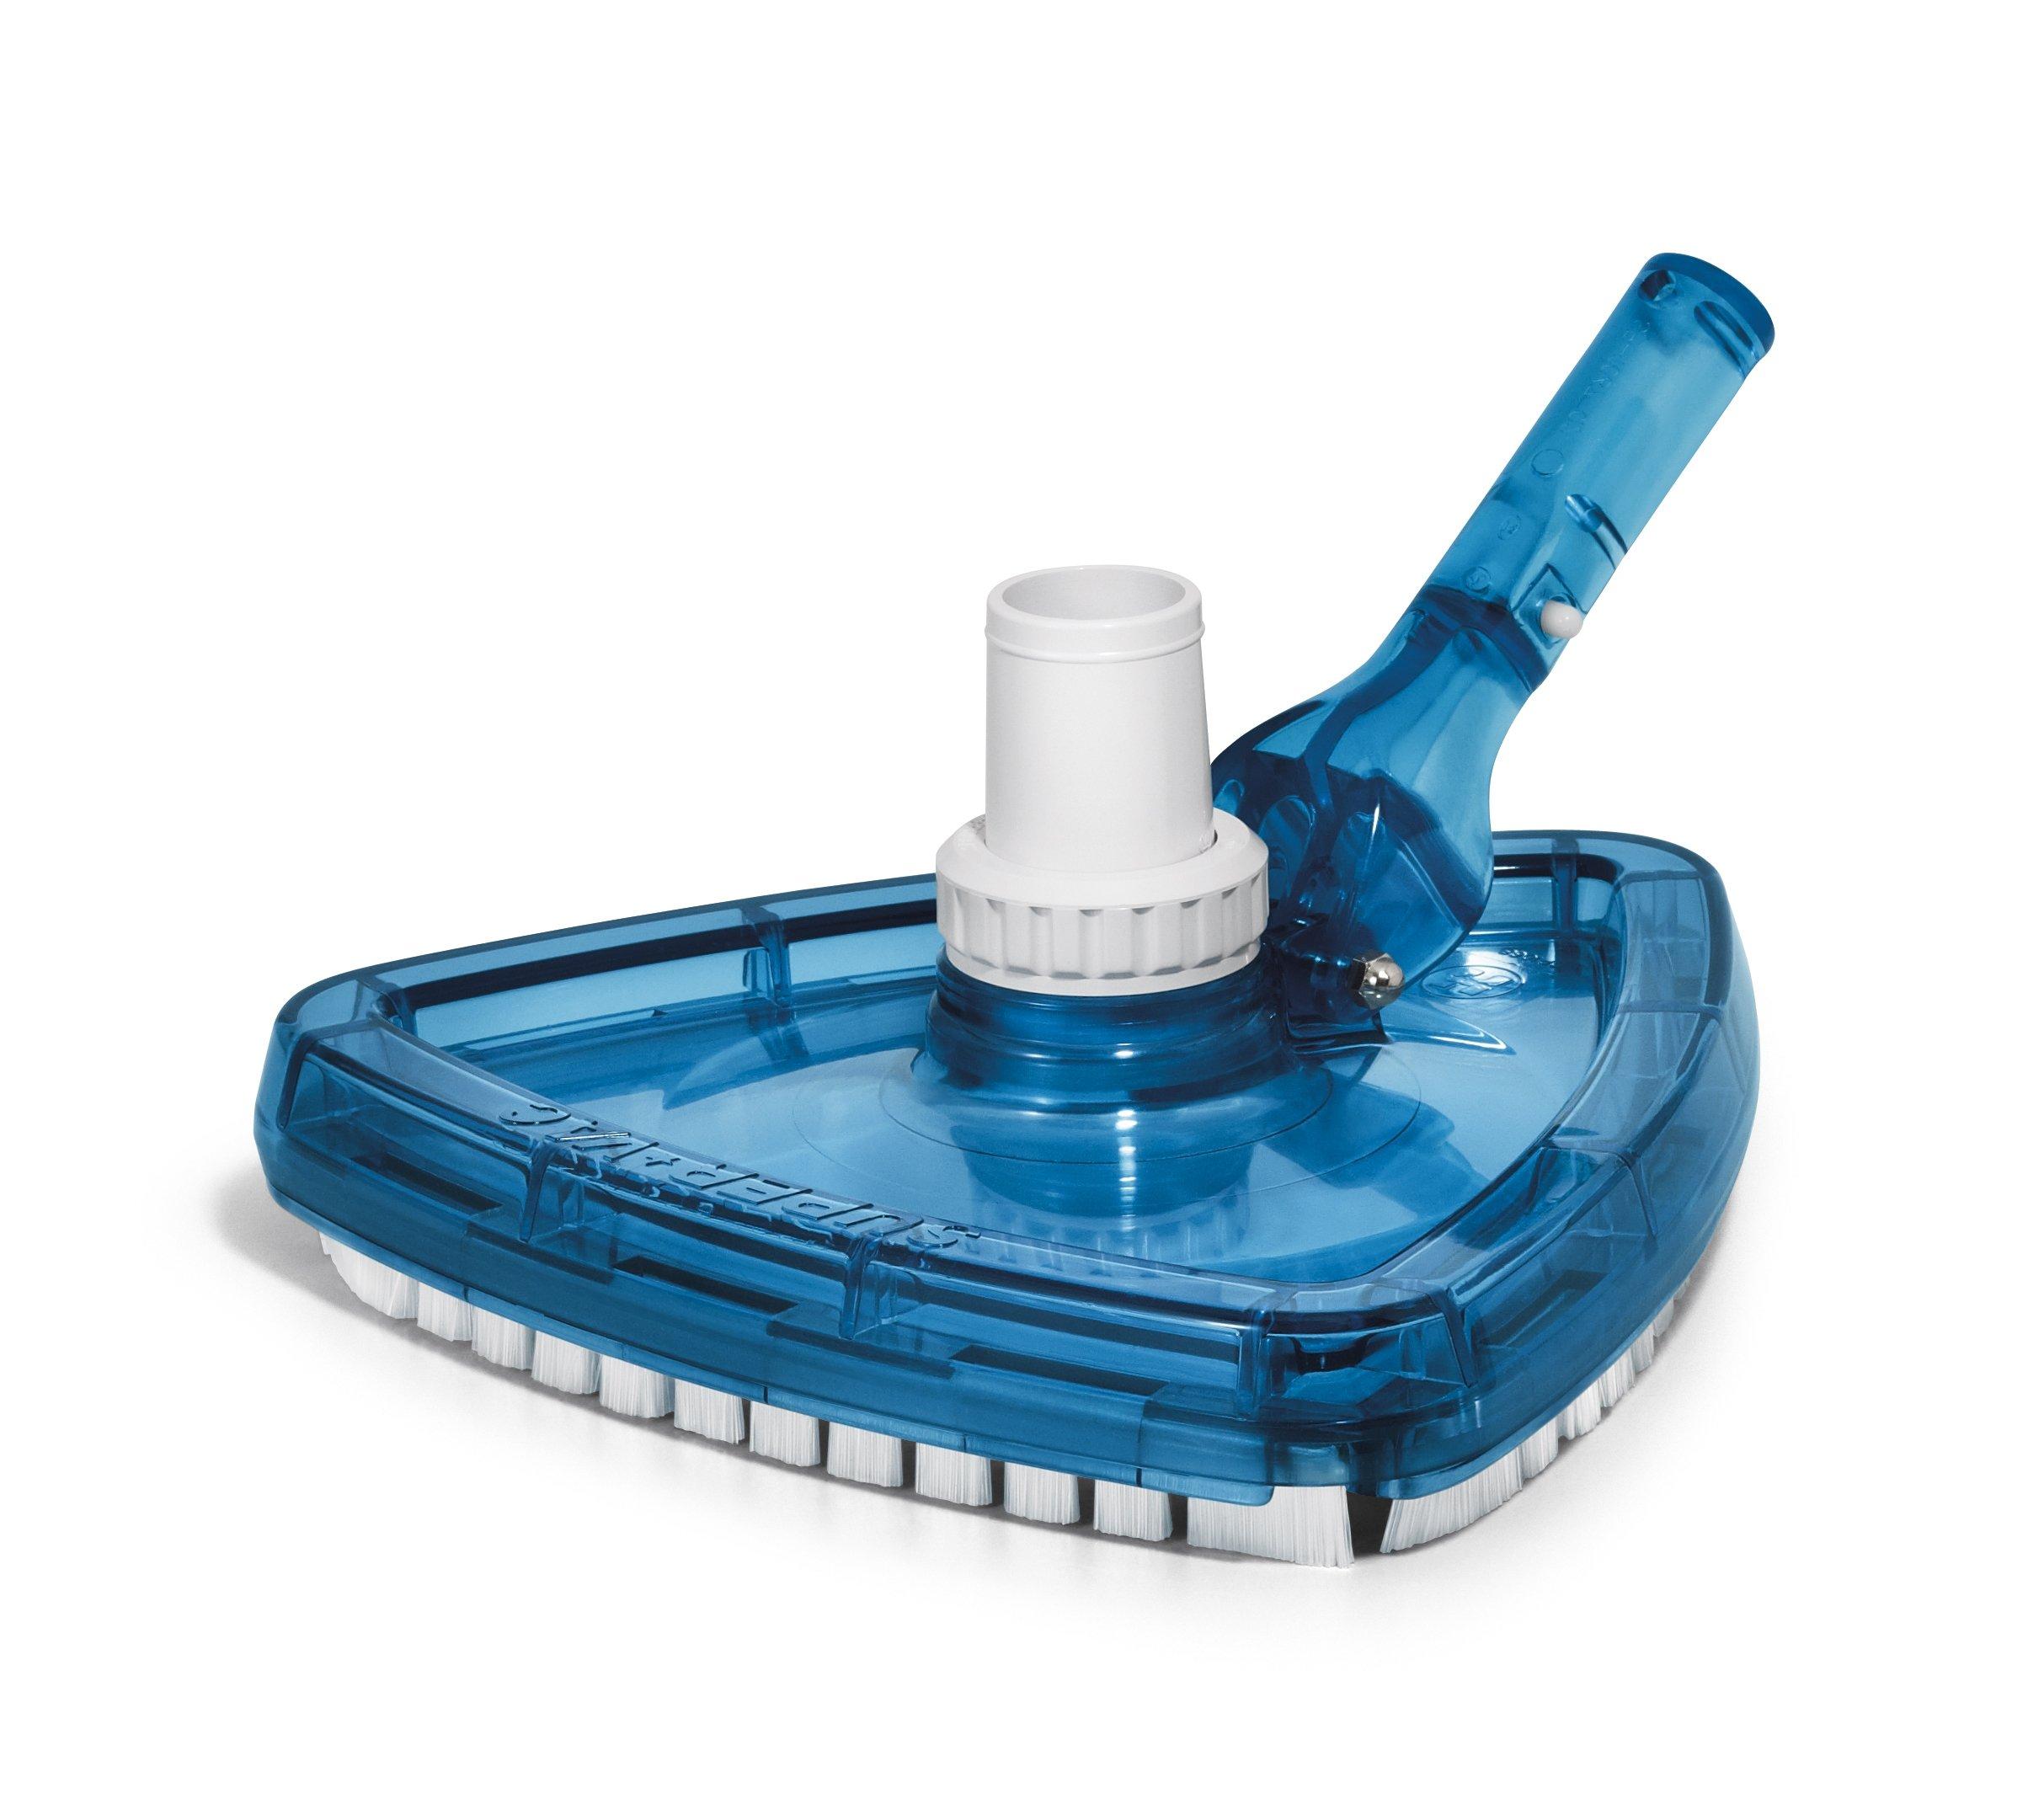 Hayward SP1068 Pool Vacuum Cleaner Head by Hayward